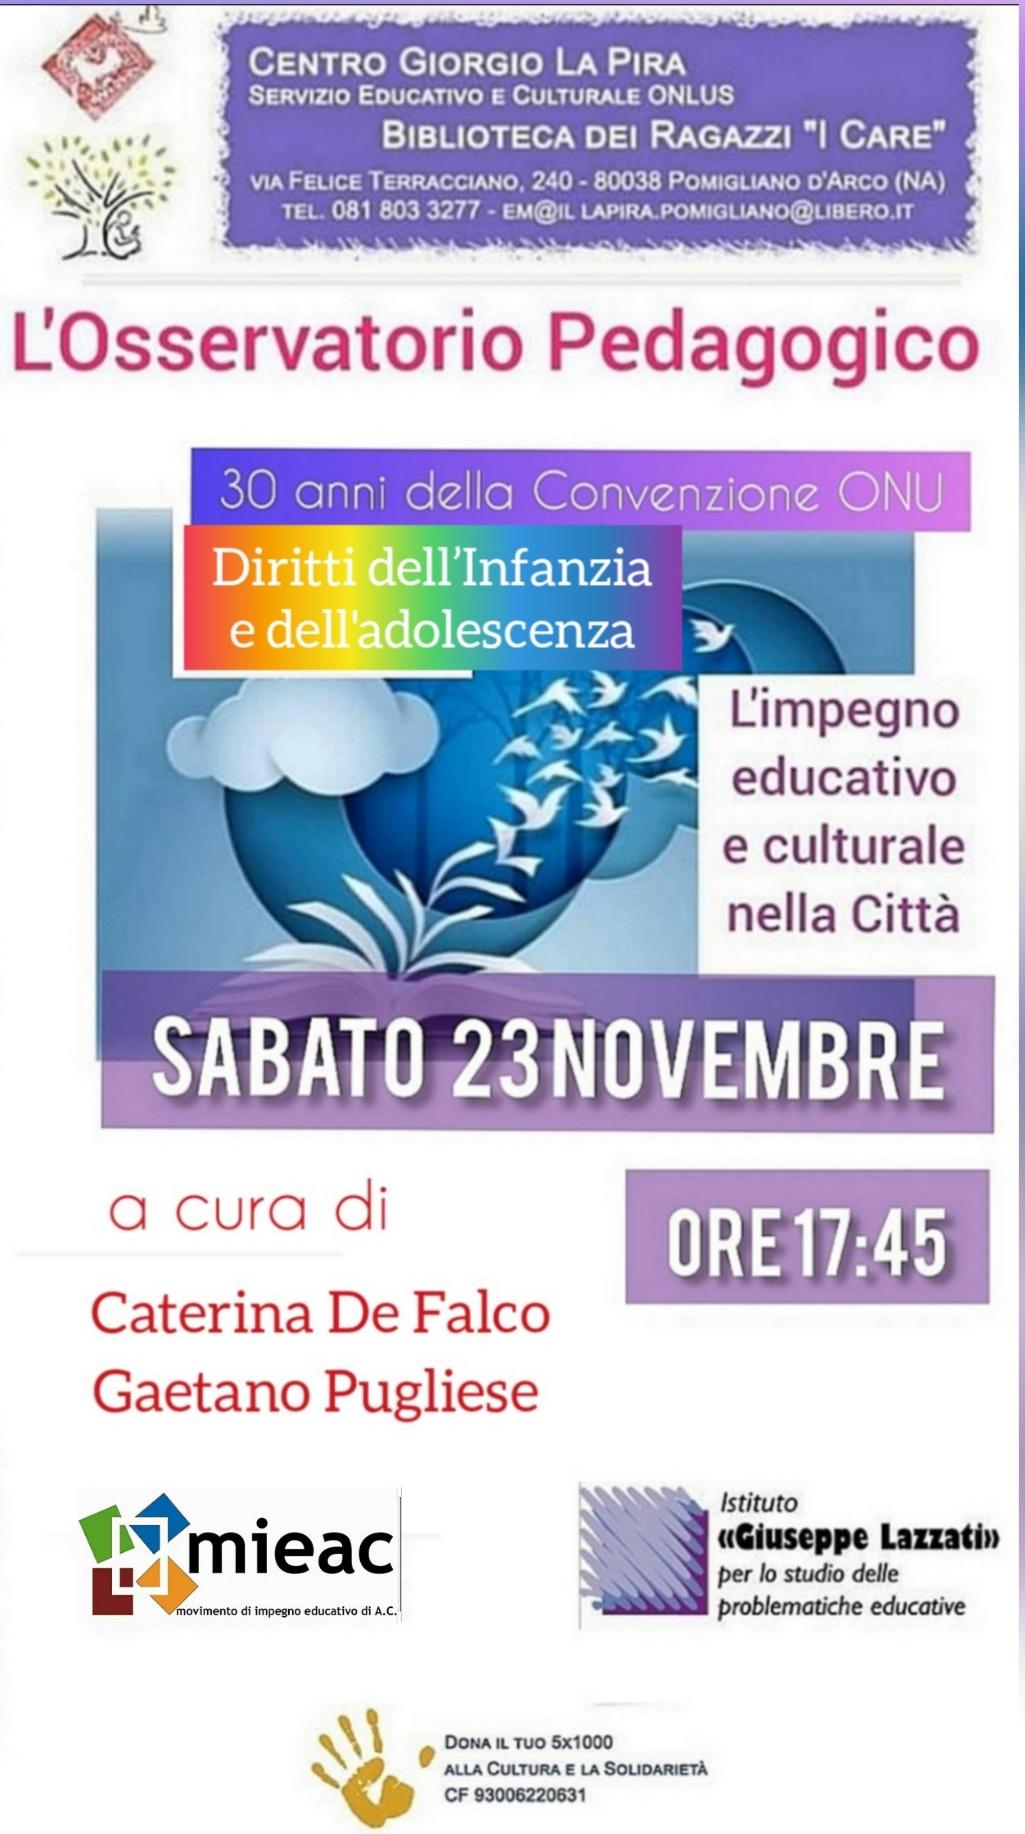 Via Romani Pomigliano D Arco centro giorgio la pira & biblioteca dei ragazzi i care